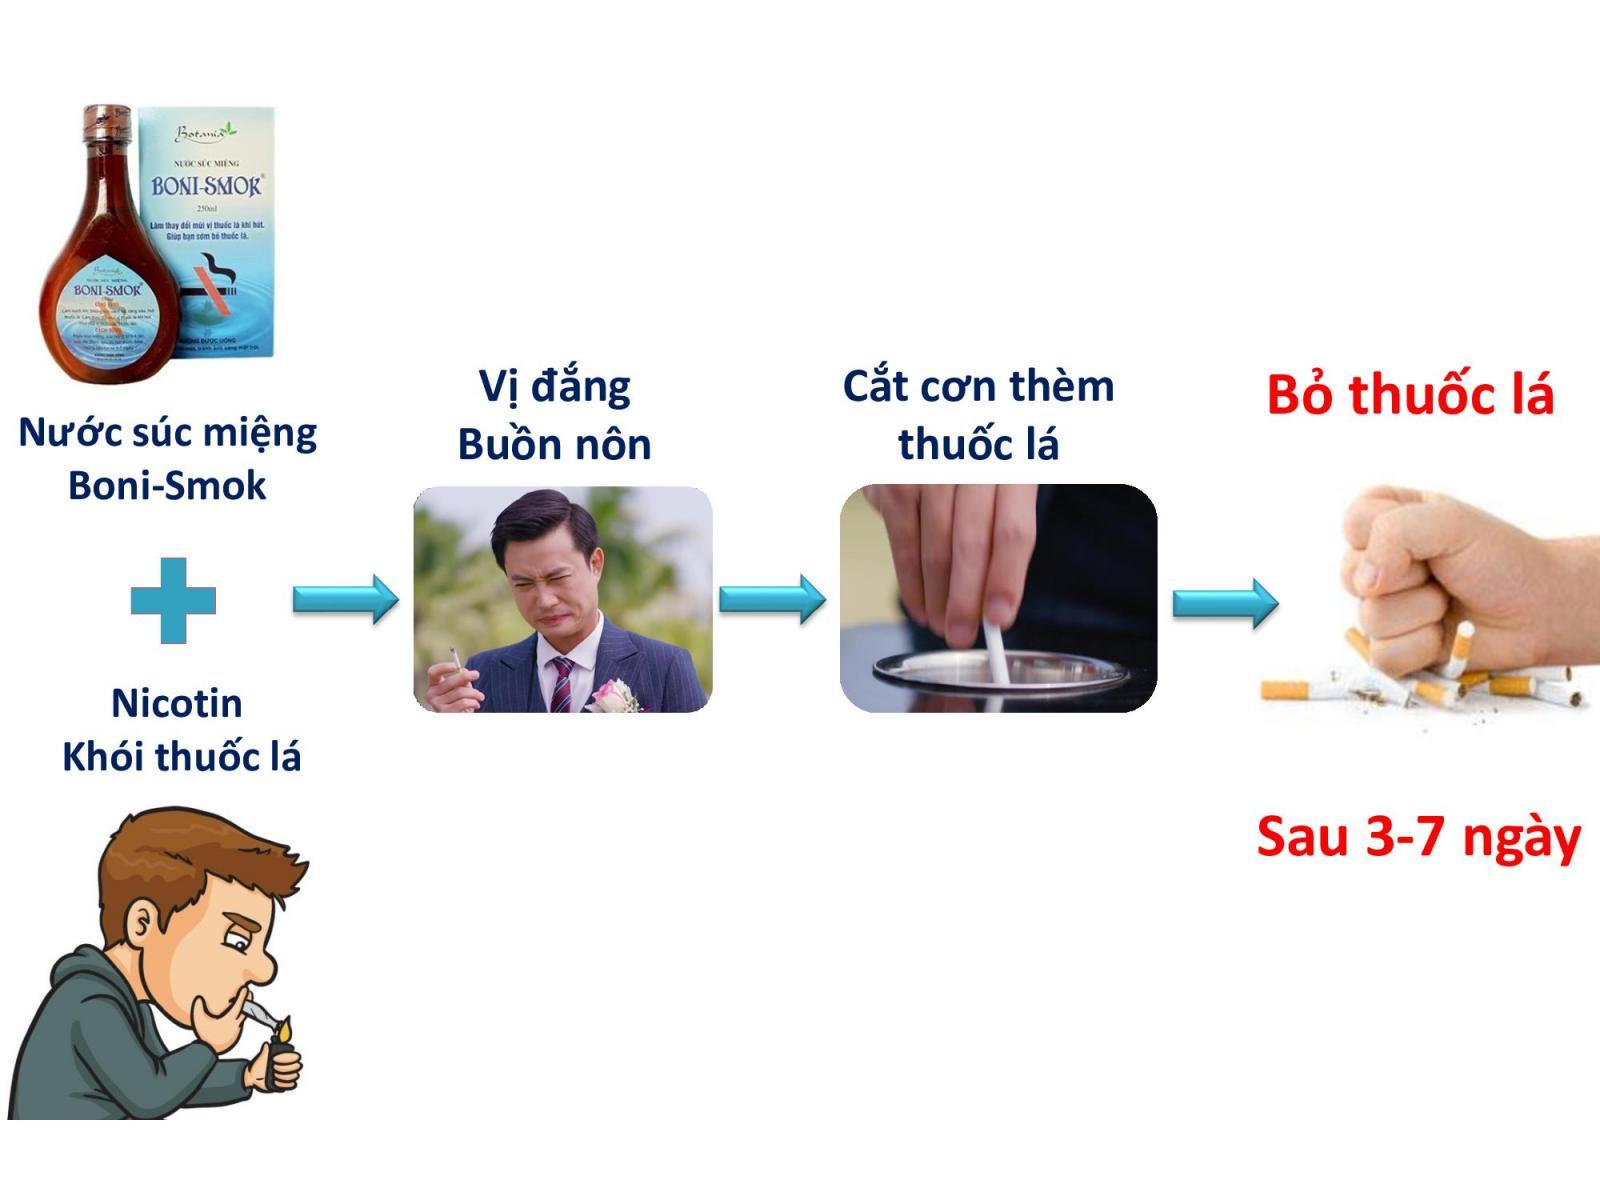 công dụng của nước súc miệng cai thuốc lá boni smok